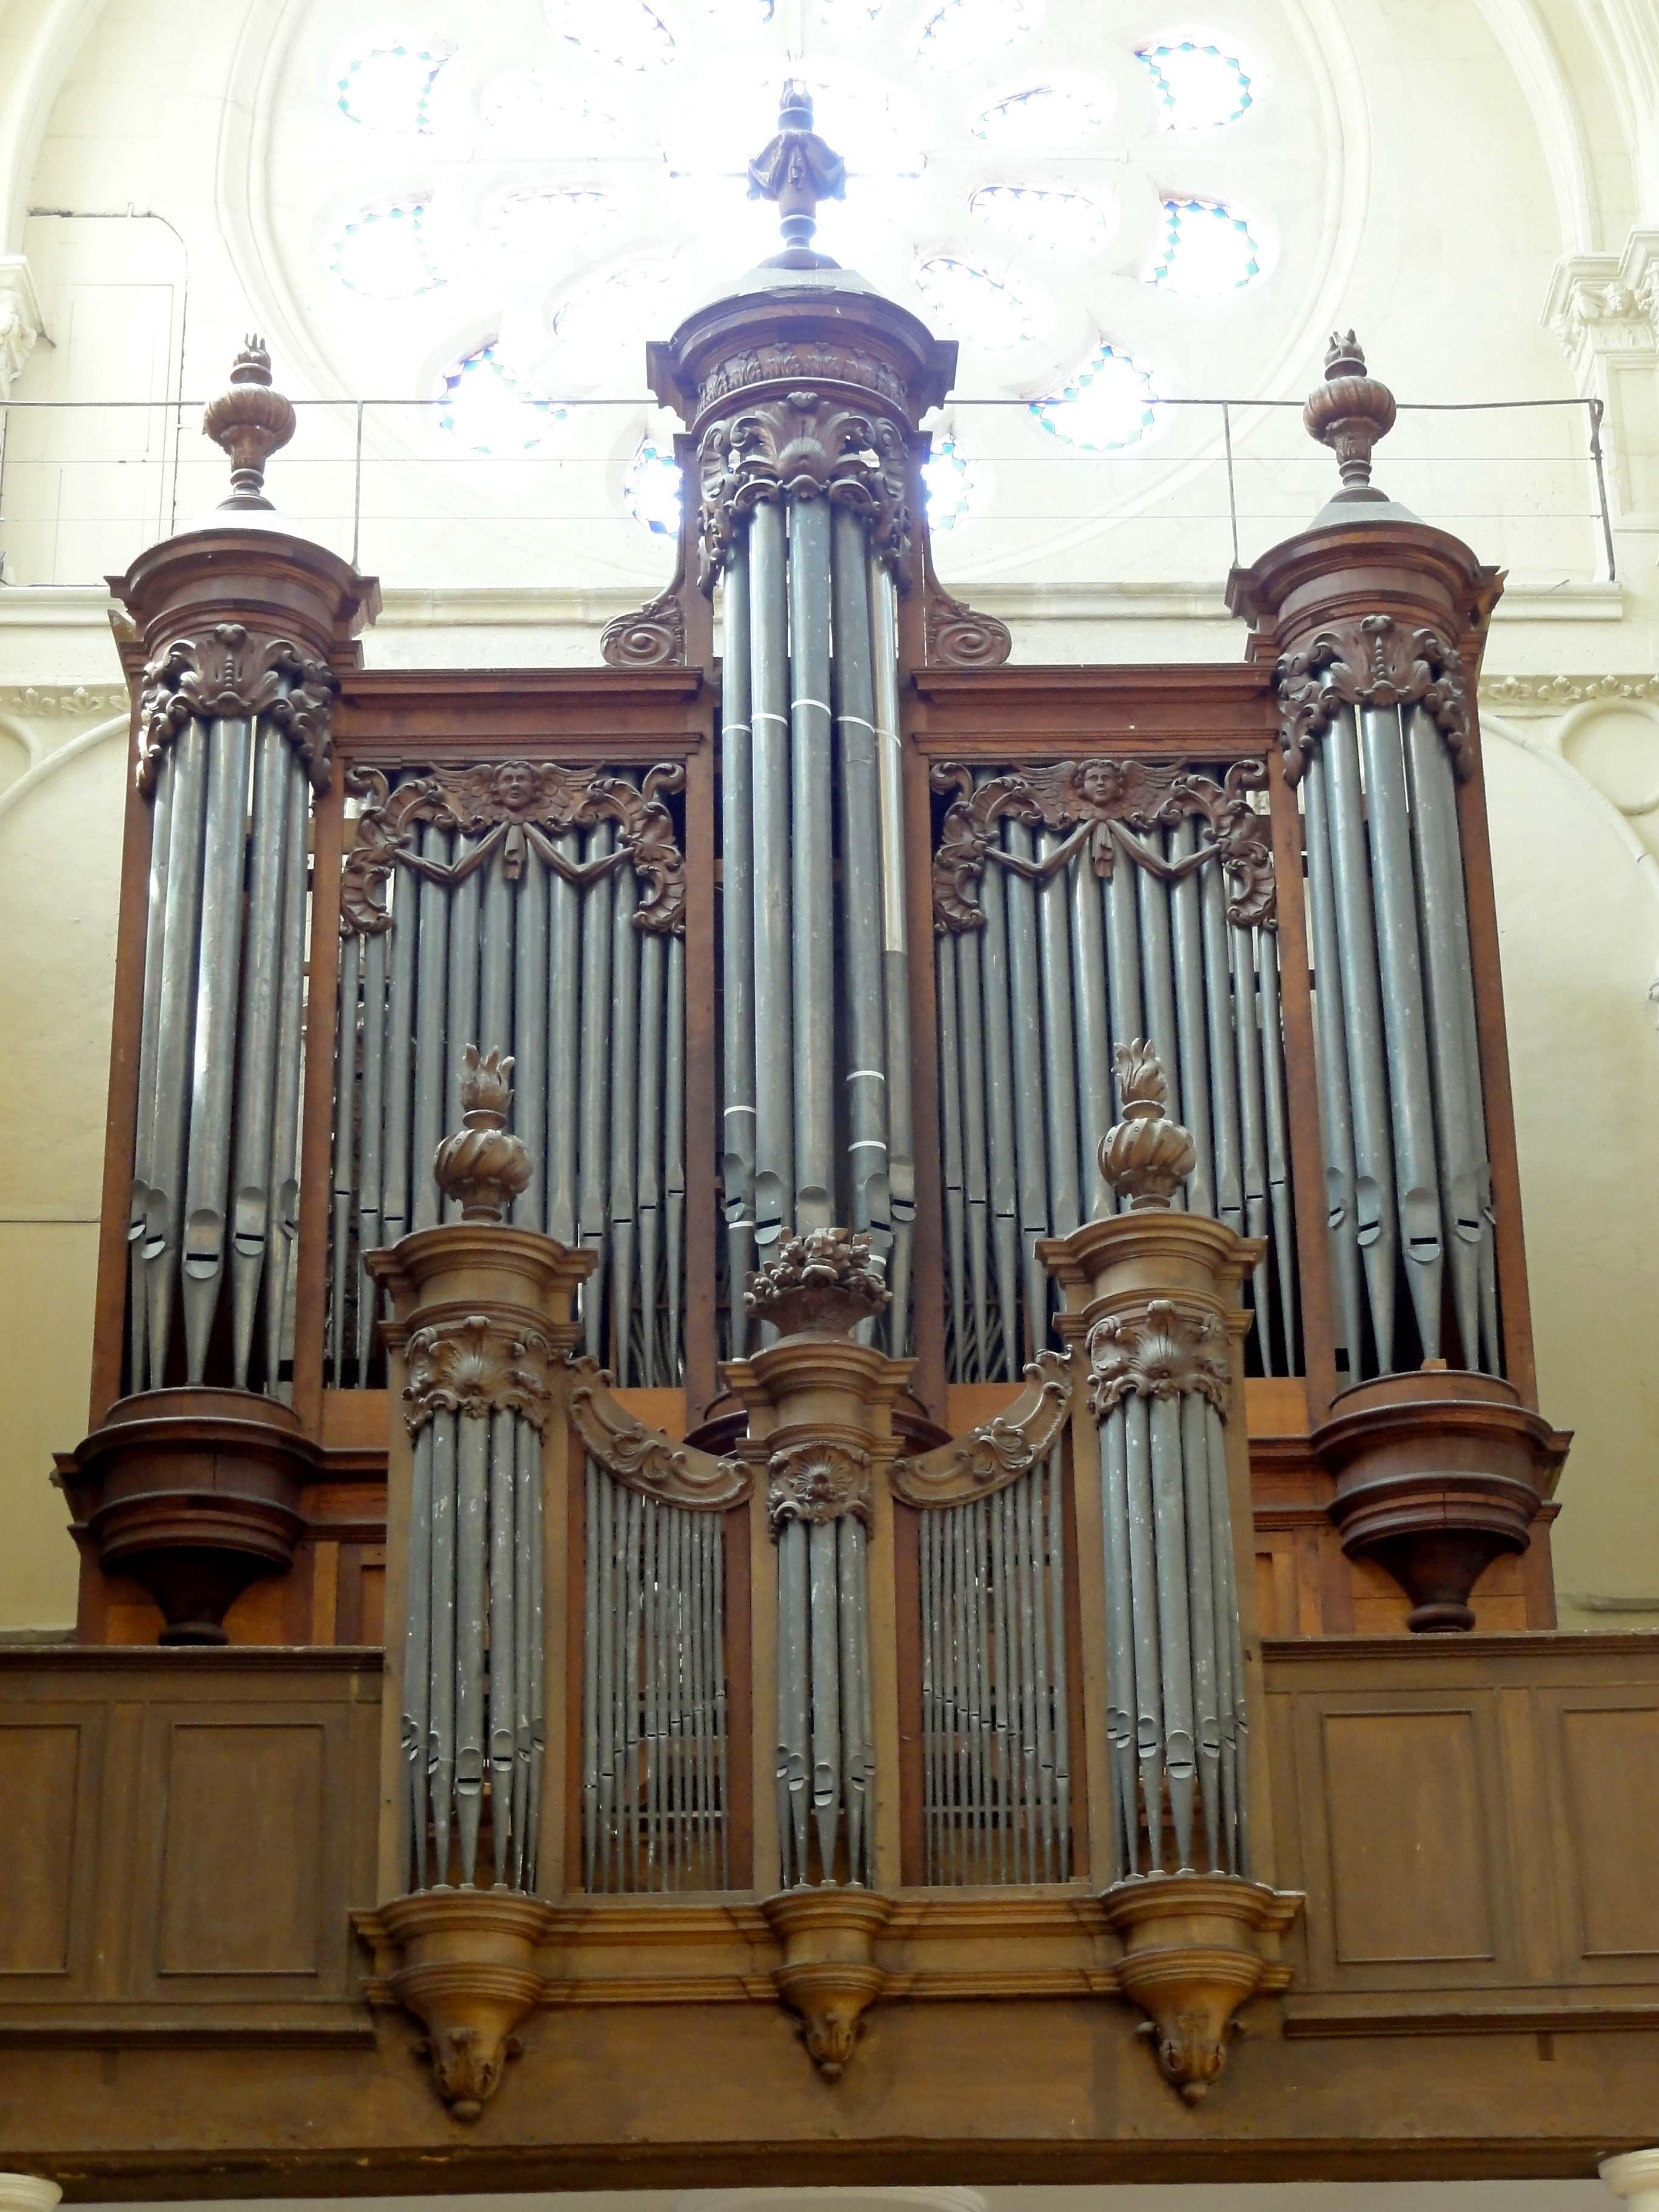 Fichier brie comte robert 77 glise saint tienne orgue de tribune 2 jpg wikip dia - Meubles carla brie comte robert ...